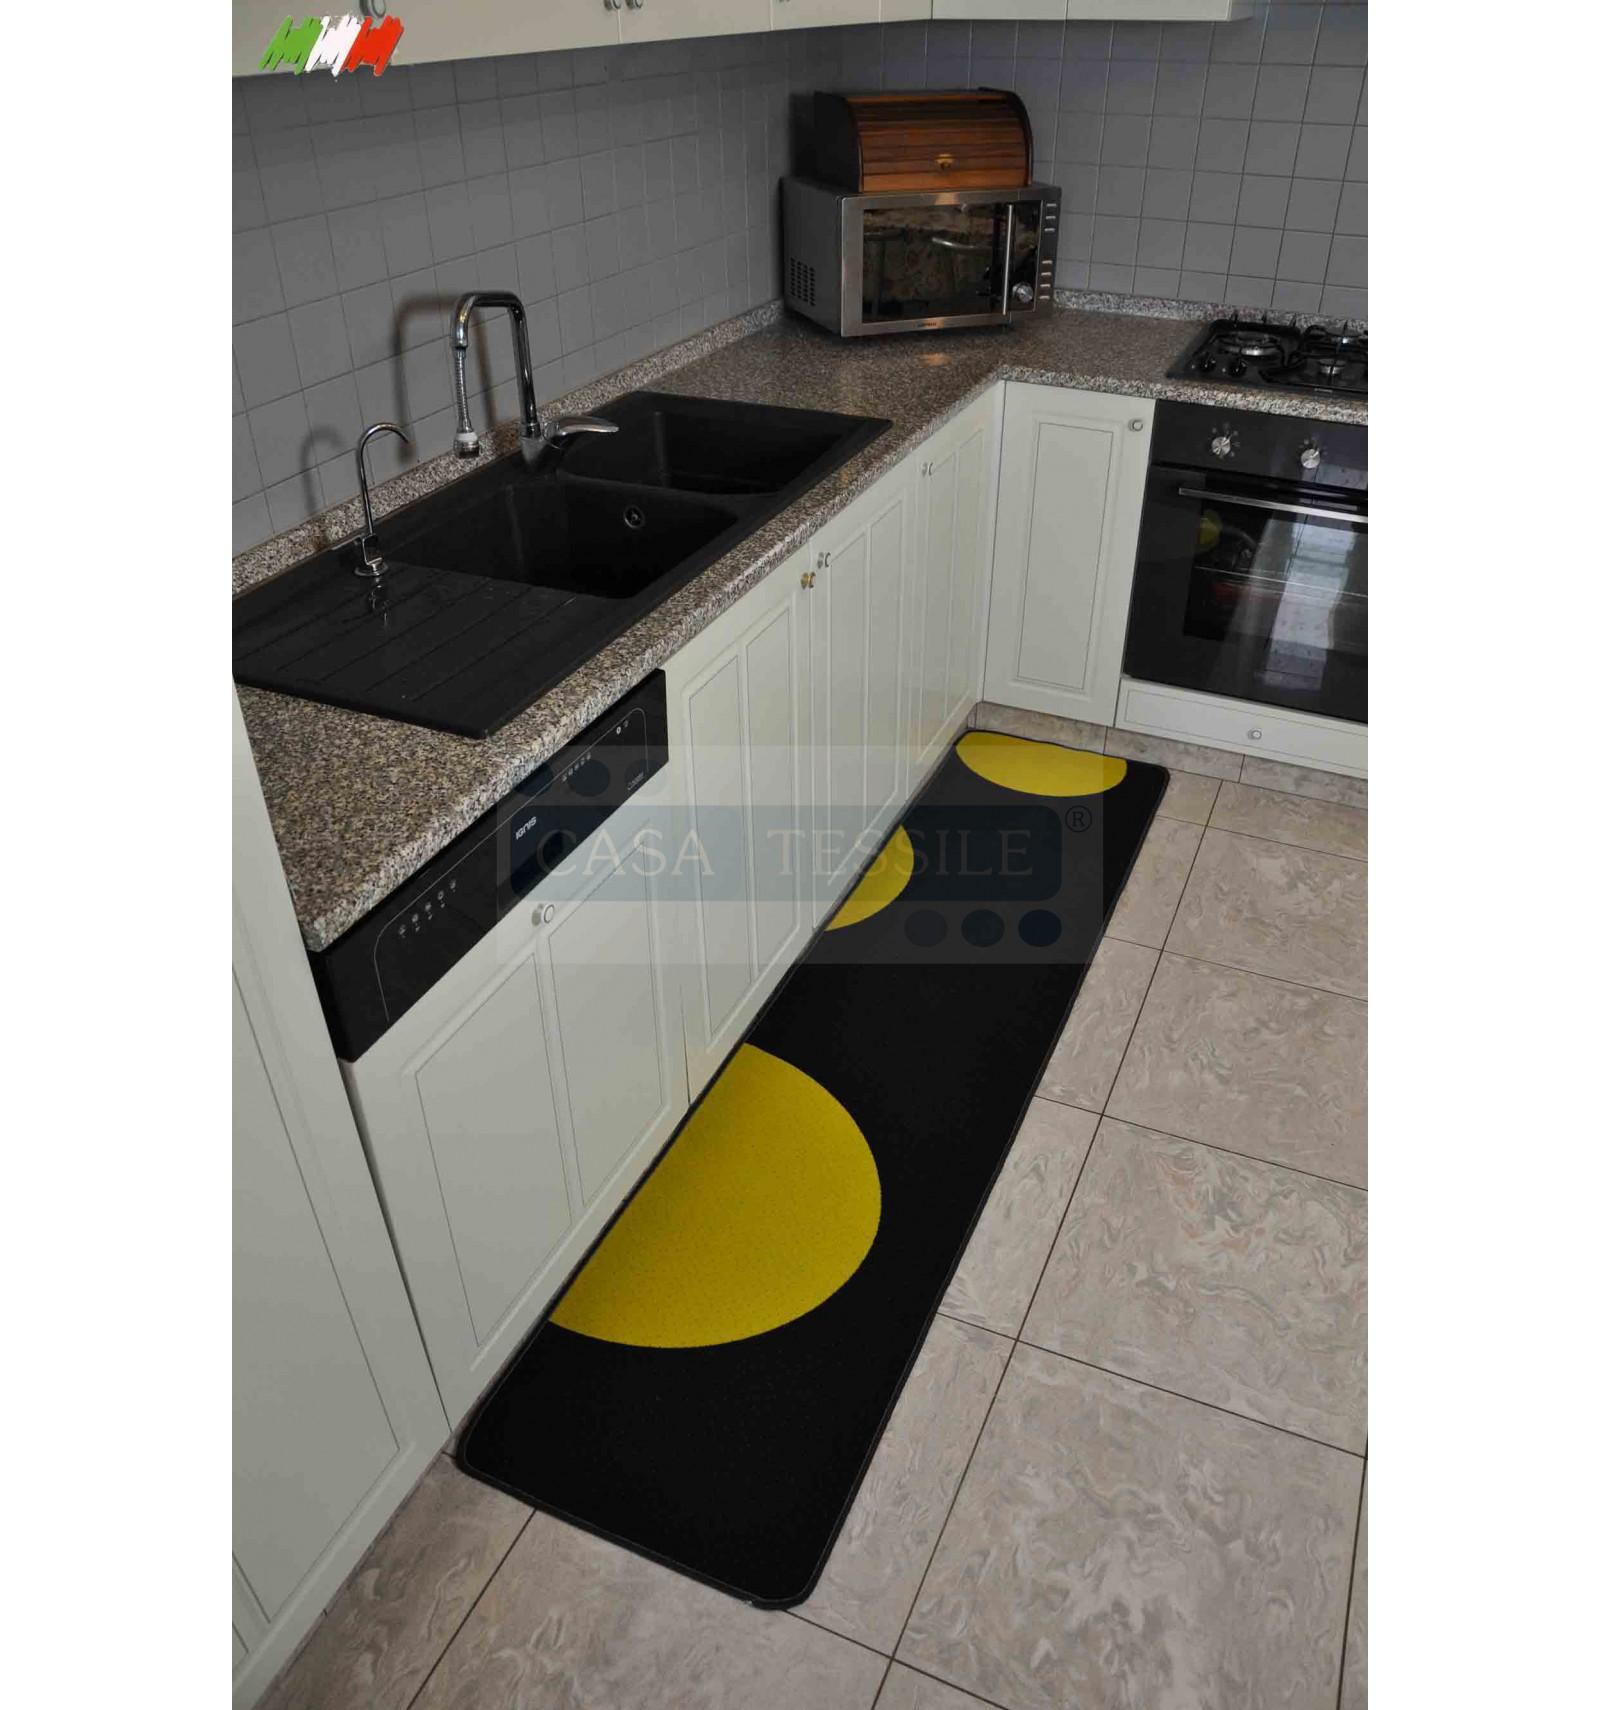 Full Size of Küche Teppich Sole Nero 50 Cm Breite Kche Casa Tessile Wanddeko Bodenbelag Mit Tresen Deko Für Spülbecken Einbauküche Ohne Kühlschrank Industrie Wohnzimmer Küche Teppich